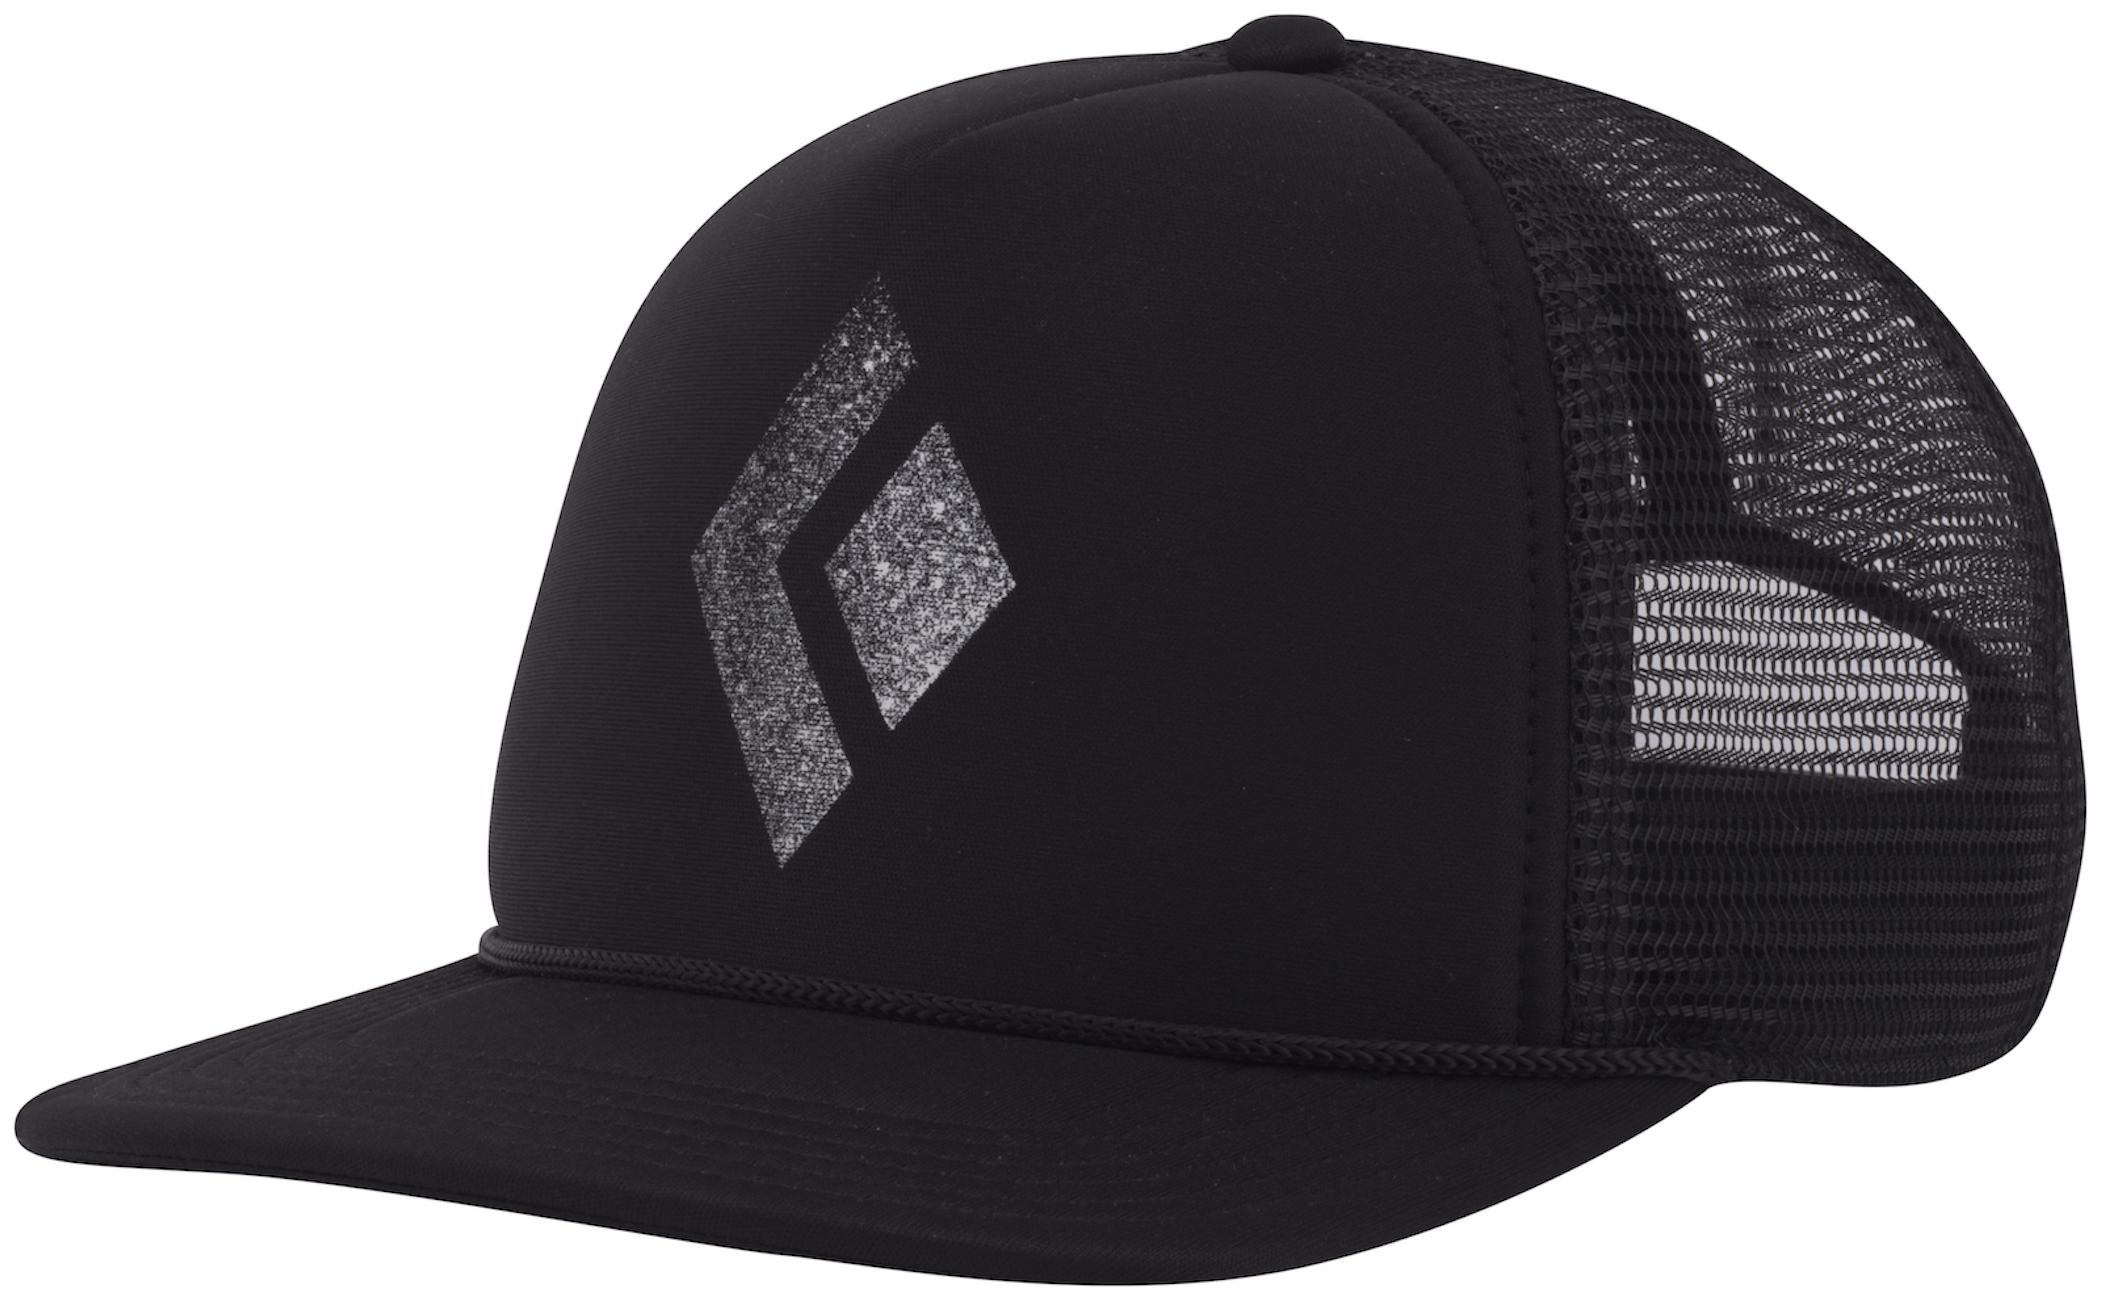 Black Diamond Flat Bill Trucker Hat - Cap